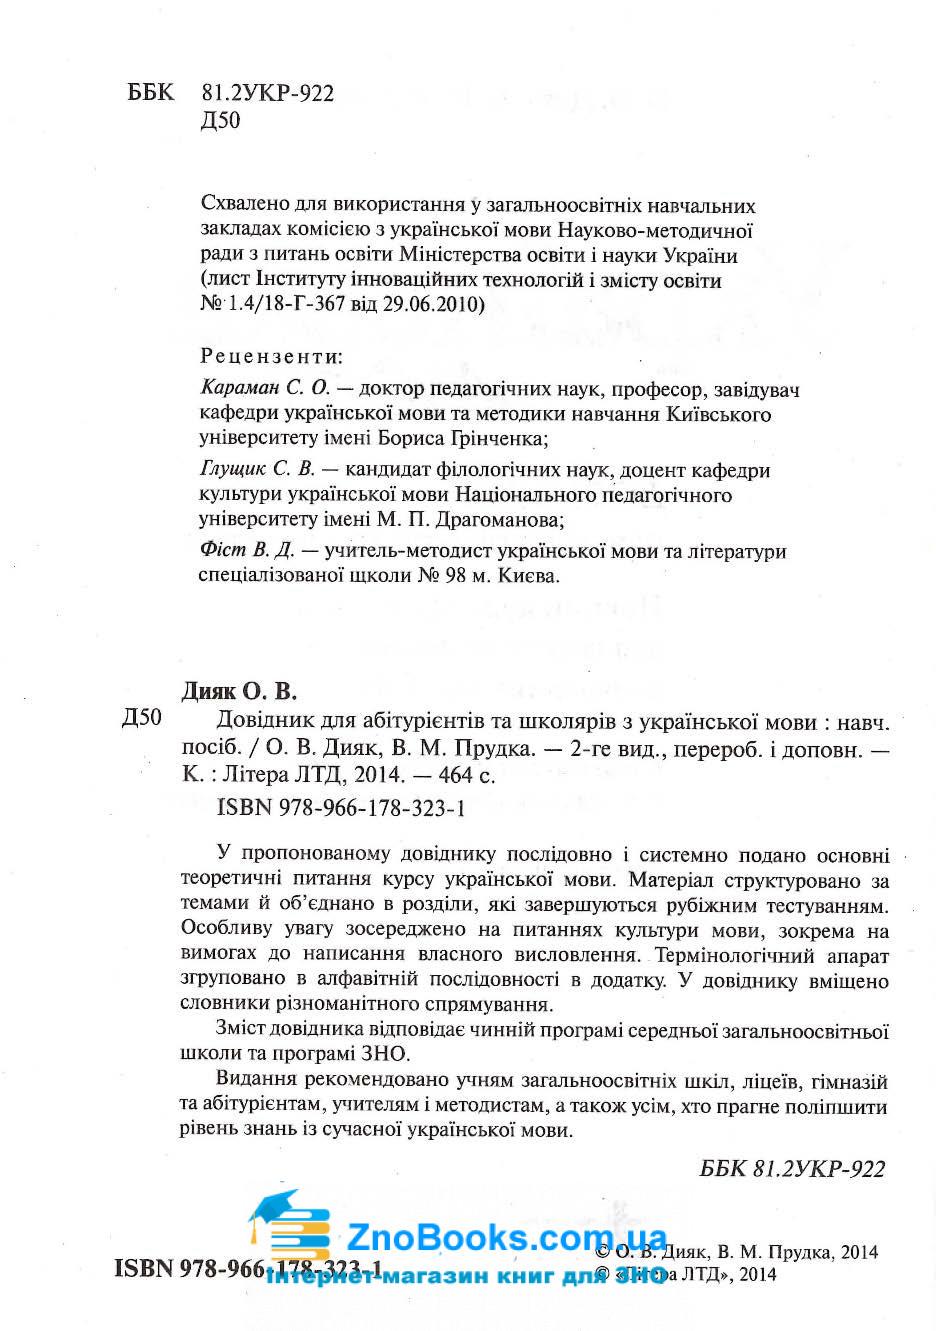 Українська мова. Довідник для абітурієнтів та школярів : Дияк О. Літера. купити 2